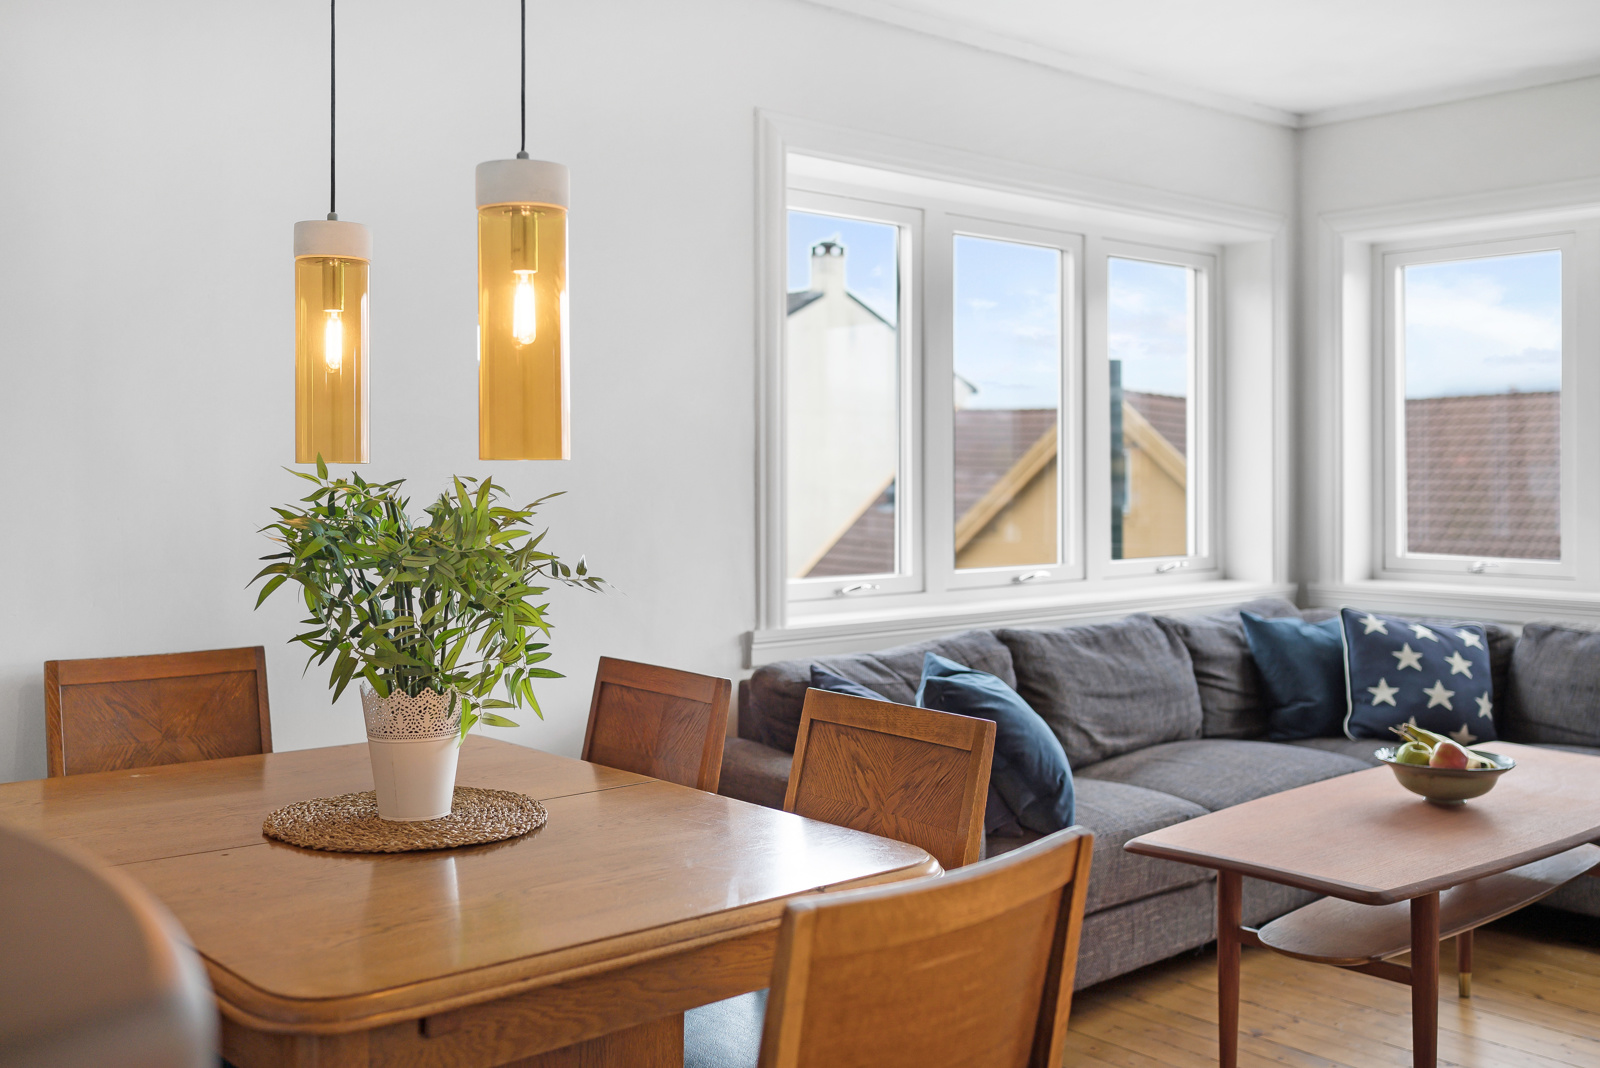 Velkommen til en super 3-roms leiilighet med sentral beliggenhet på Laksevåg, presentert av Tommy Randles Fana Sparebank Eiendom.